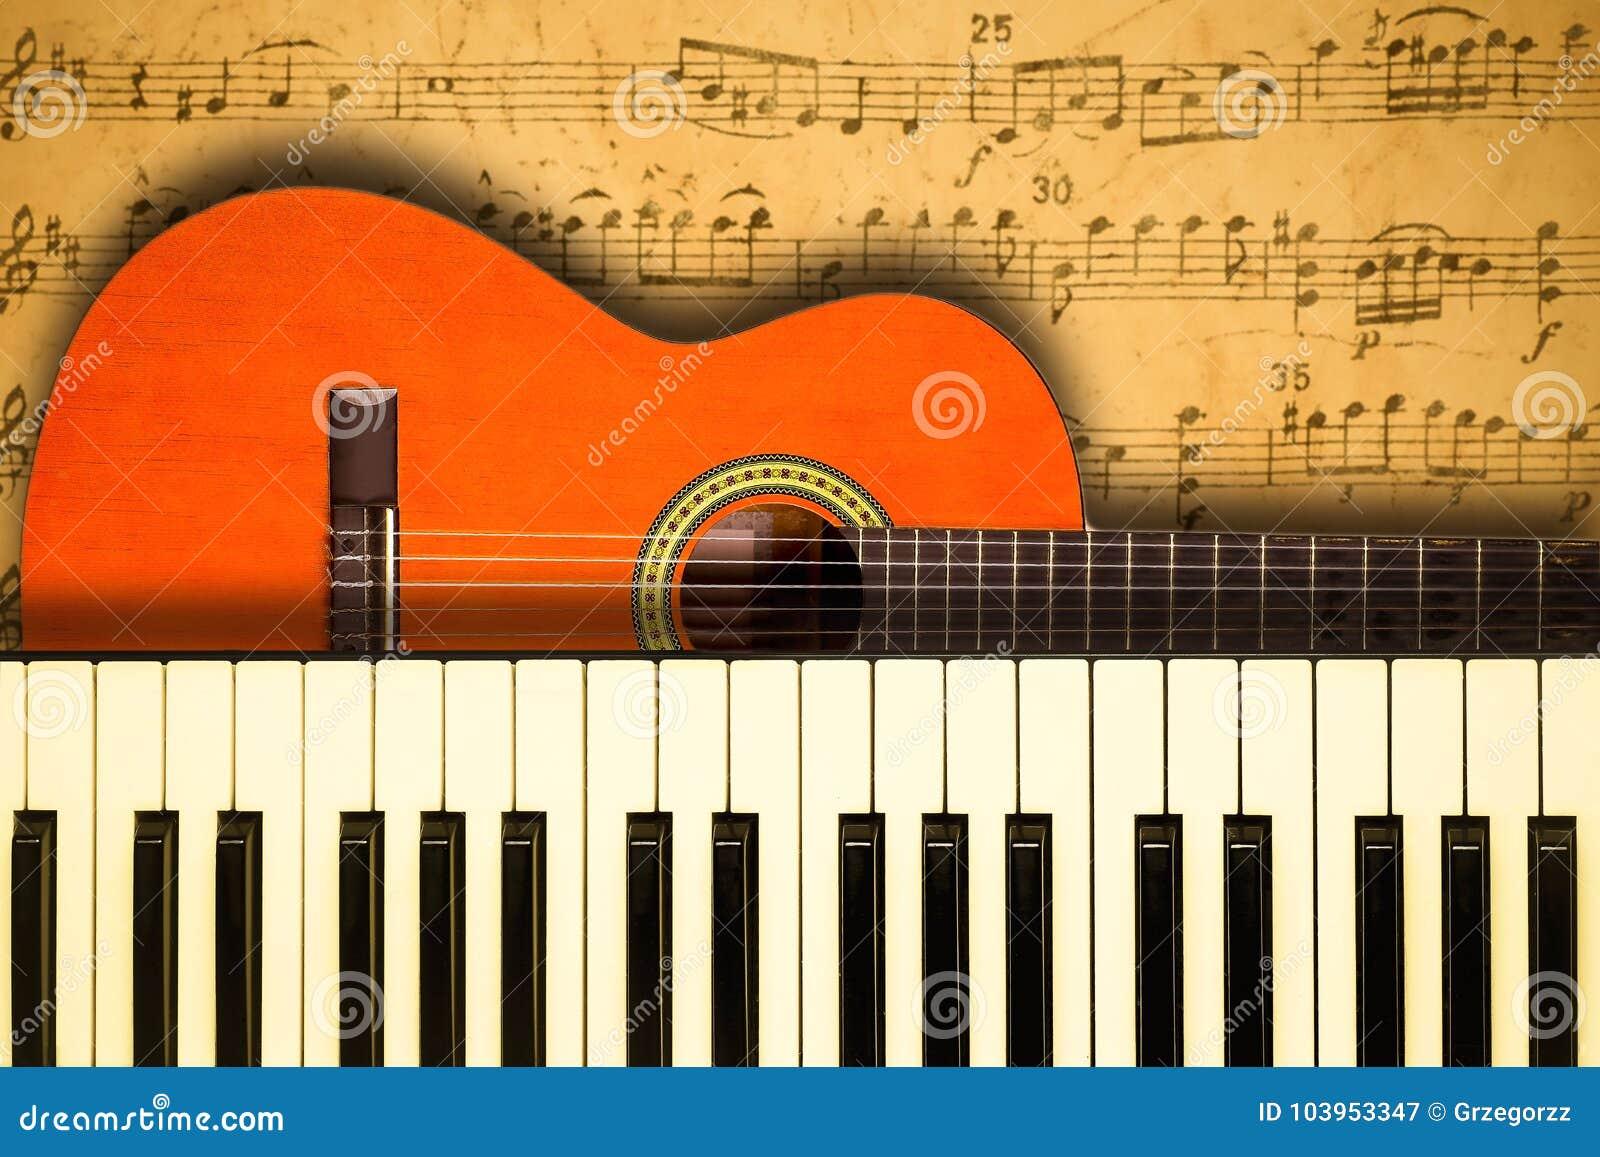 Conceito atrás da música em relação à contagem com notas